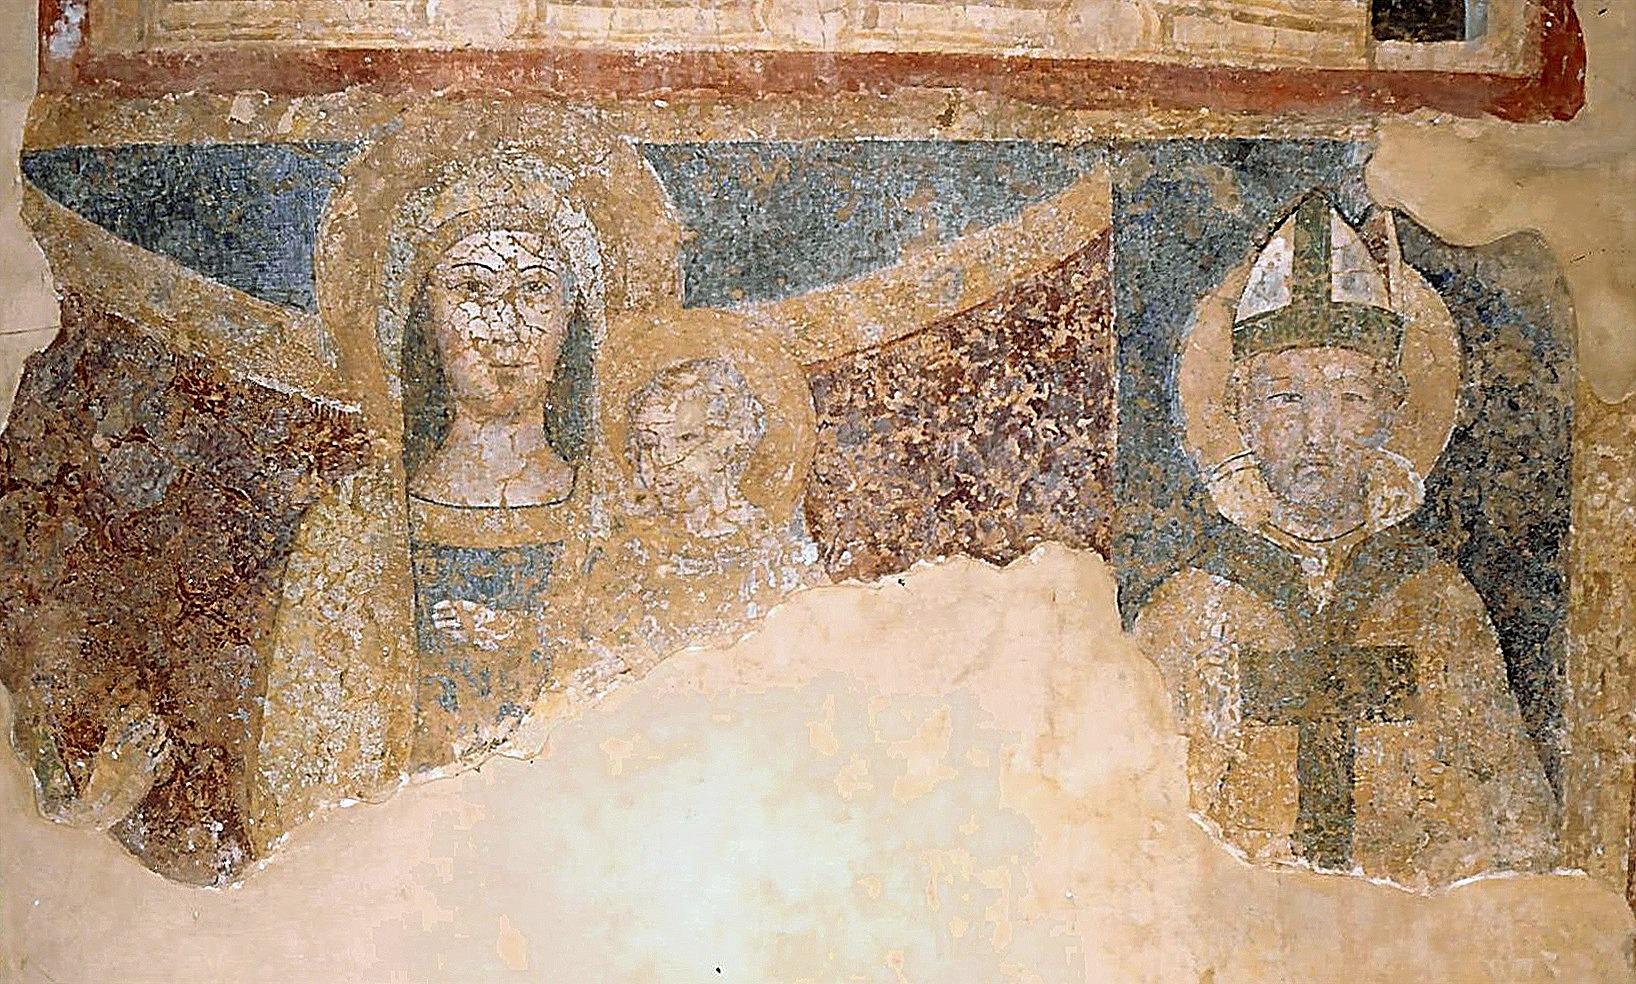 ill.14: Scuola privernate, sec. XV, Madonna con Bambino e Santo vescovo, affresco